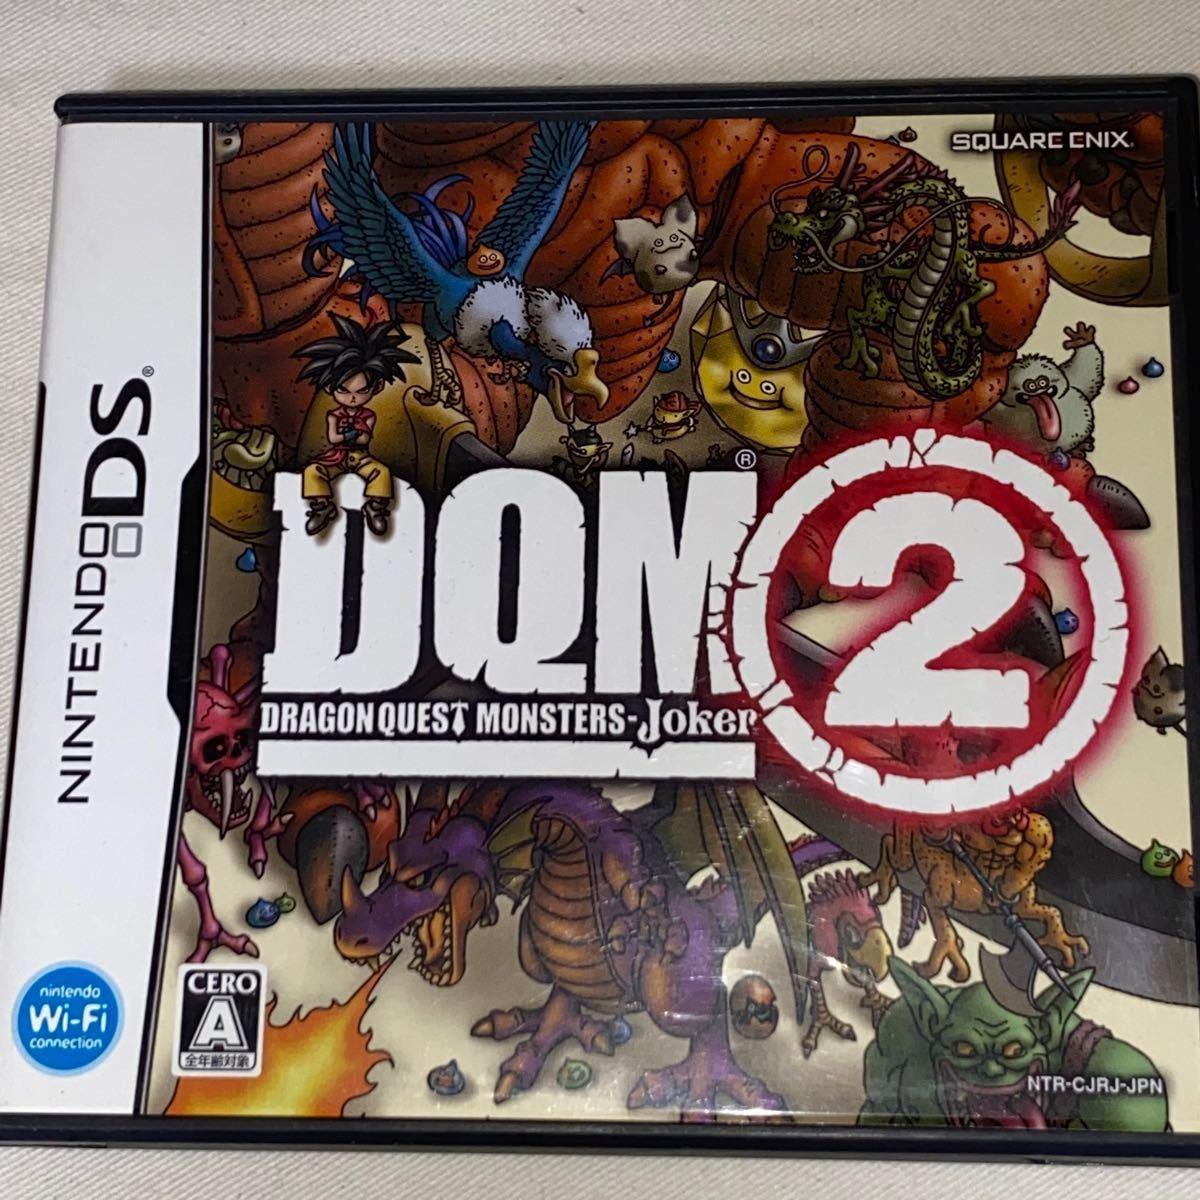 ドラゴンクエストモンスターズジョーカー2 DQM2